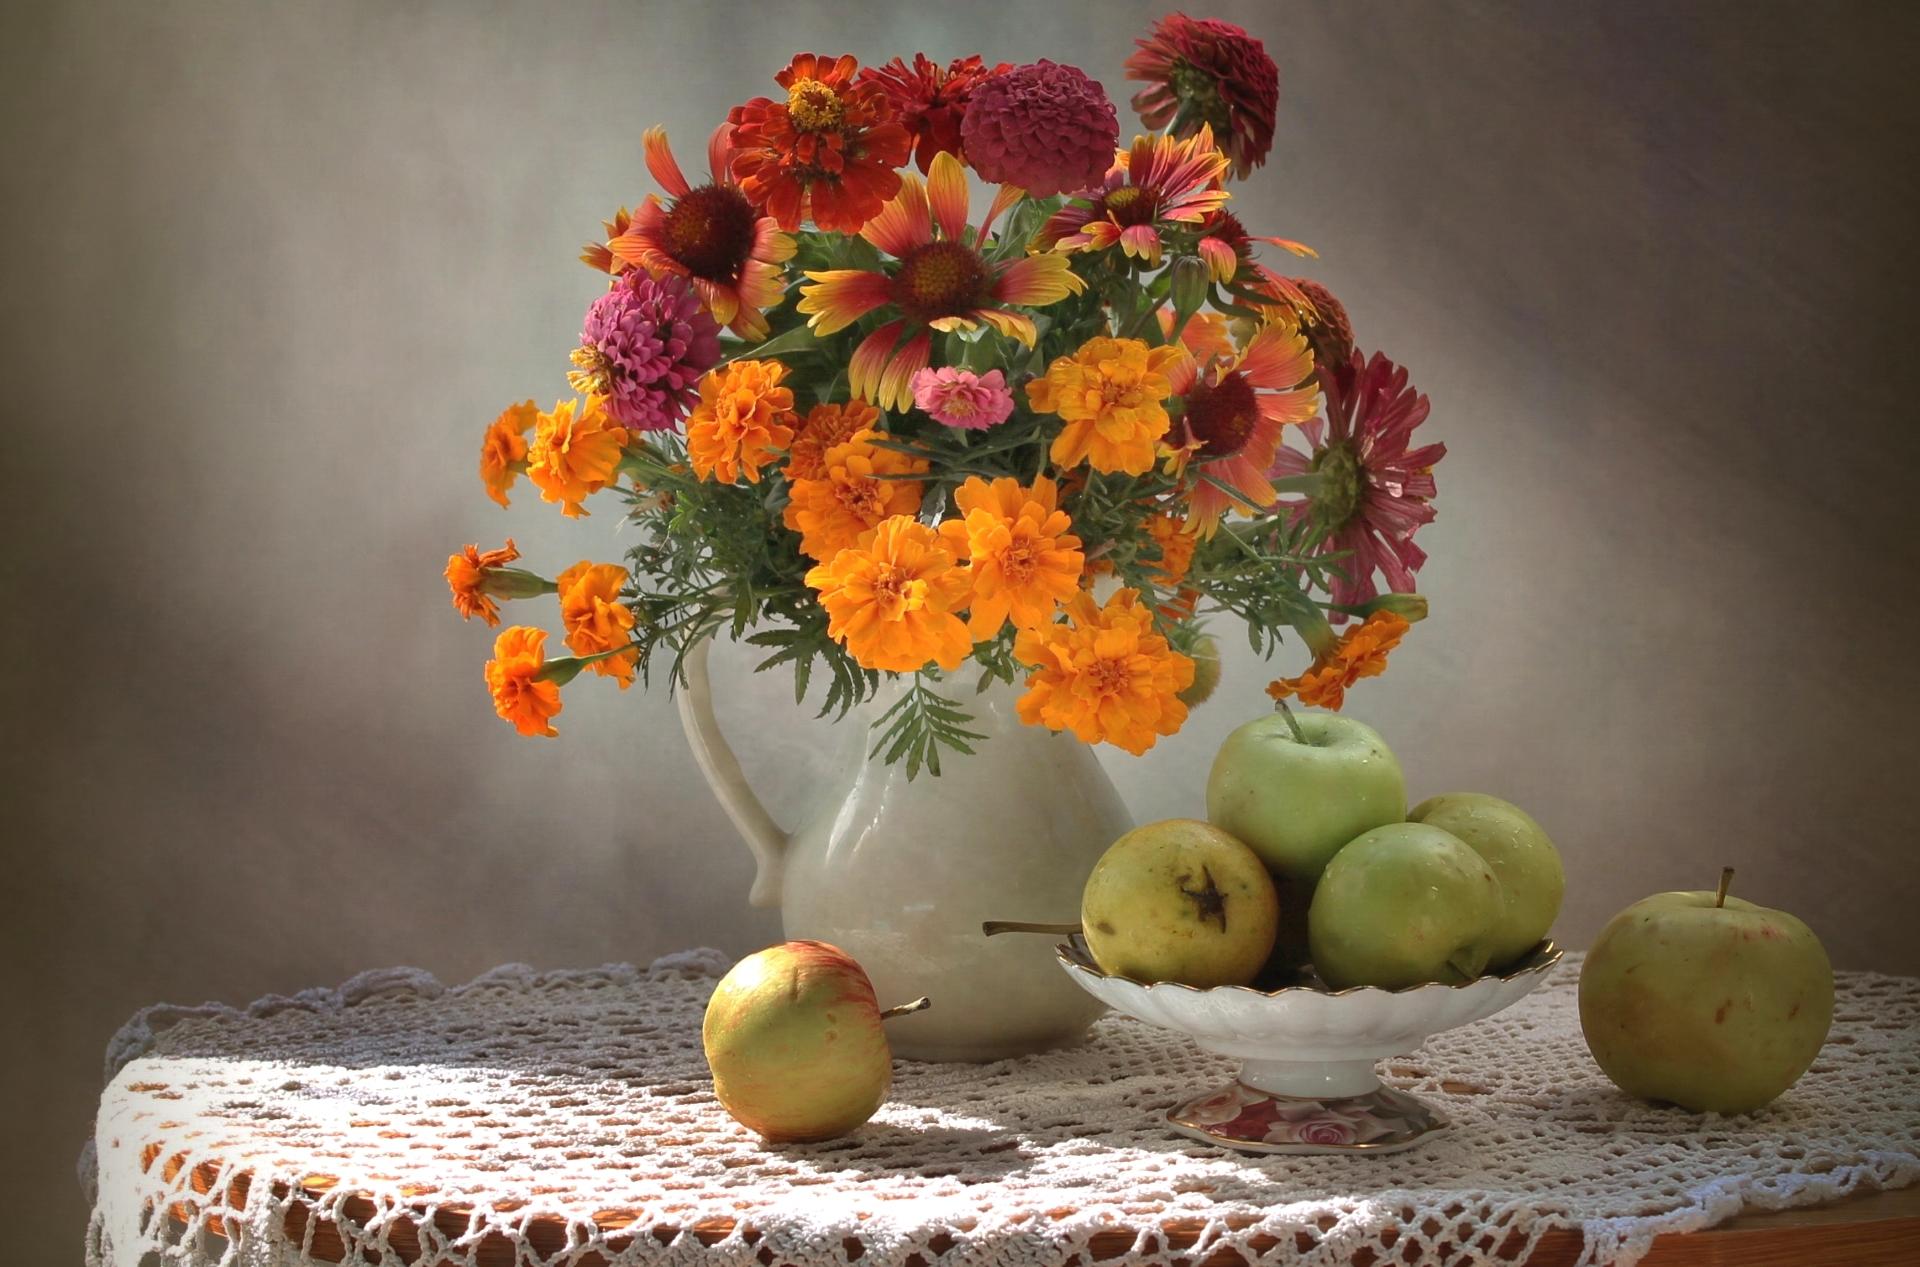 картинки на рабочий стол осень в вазе заселении выдают браслет